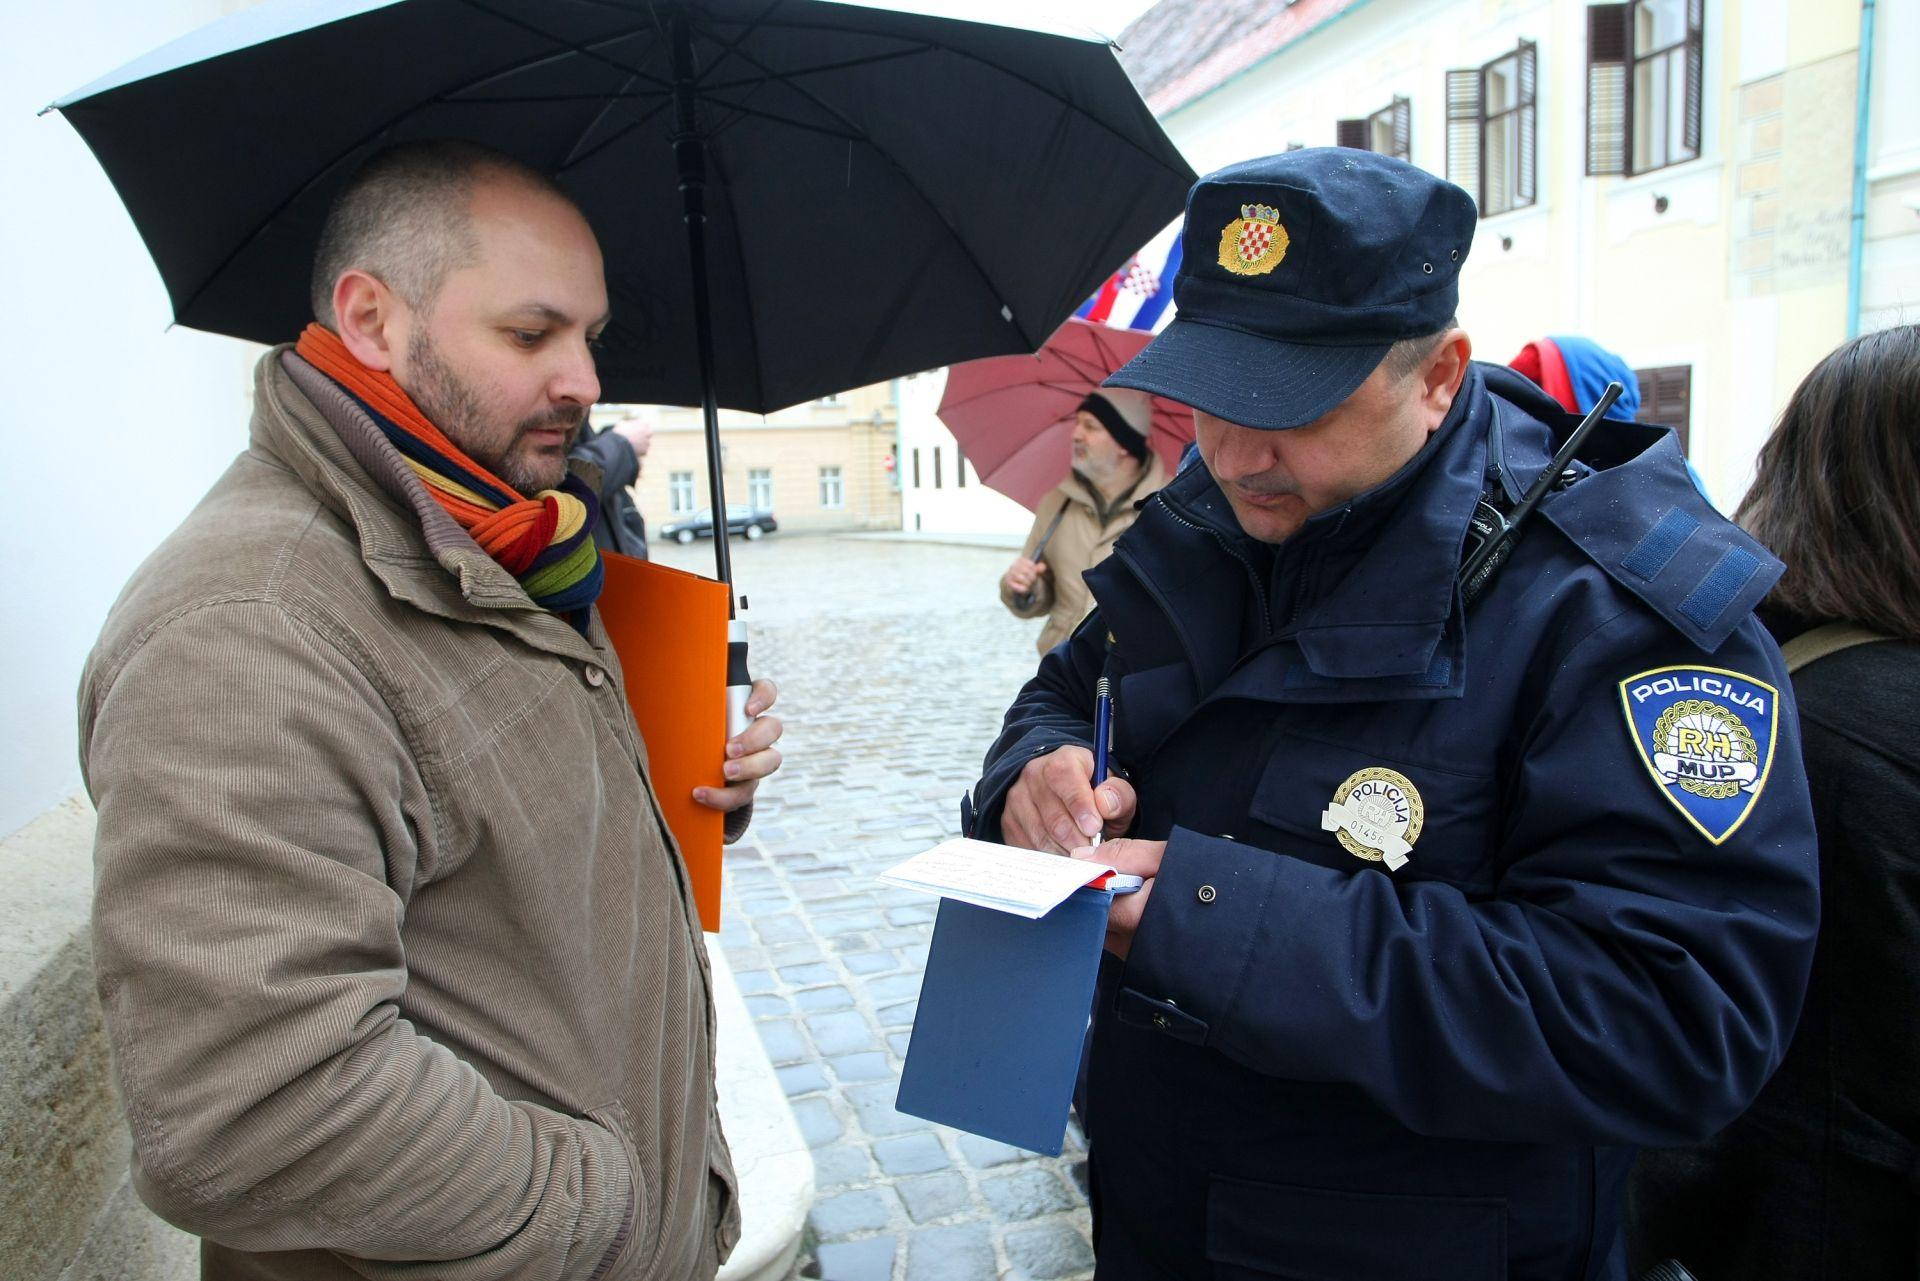 NAPADI NA NOVINARE: Margetić sumnja da policija zataškava tragove